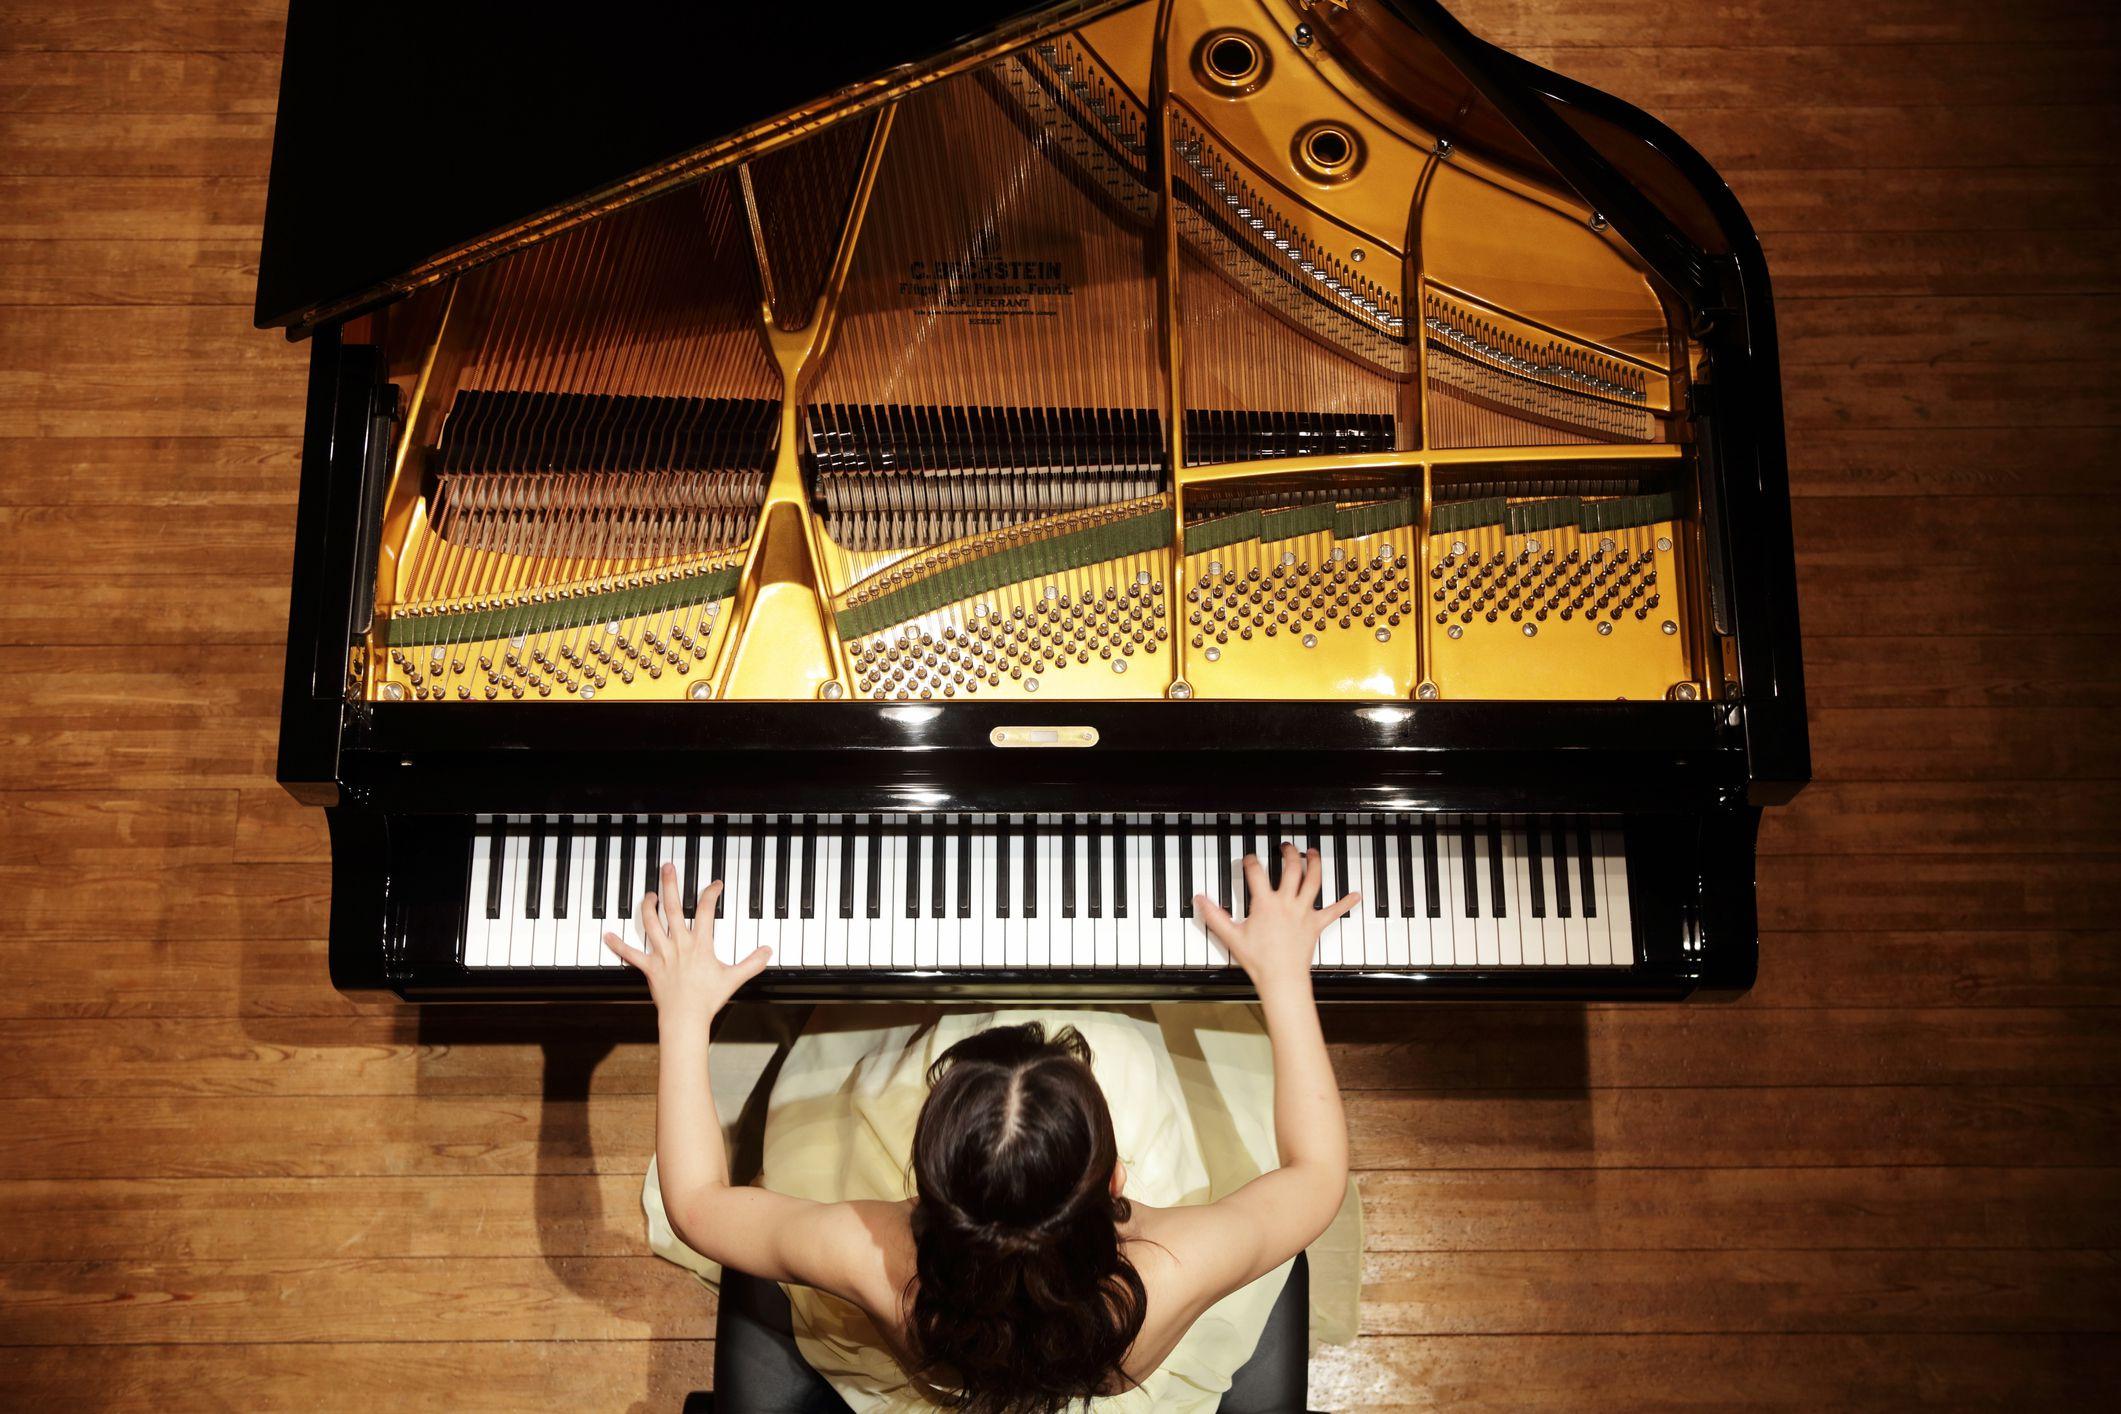 высочайшая семейства картинка концерт фортепиано варианты штор